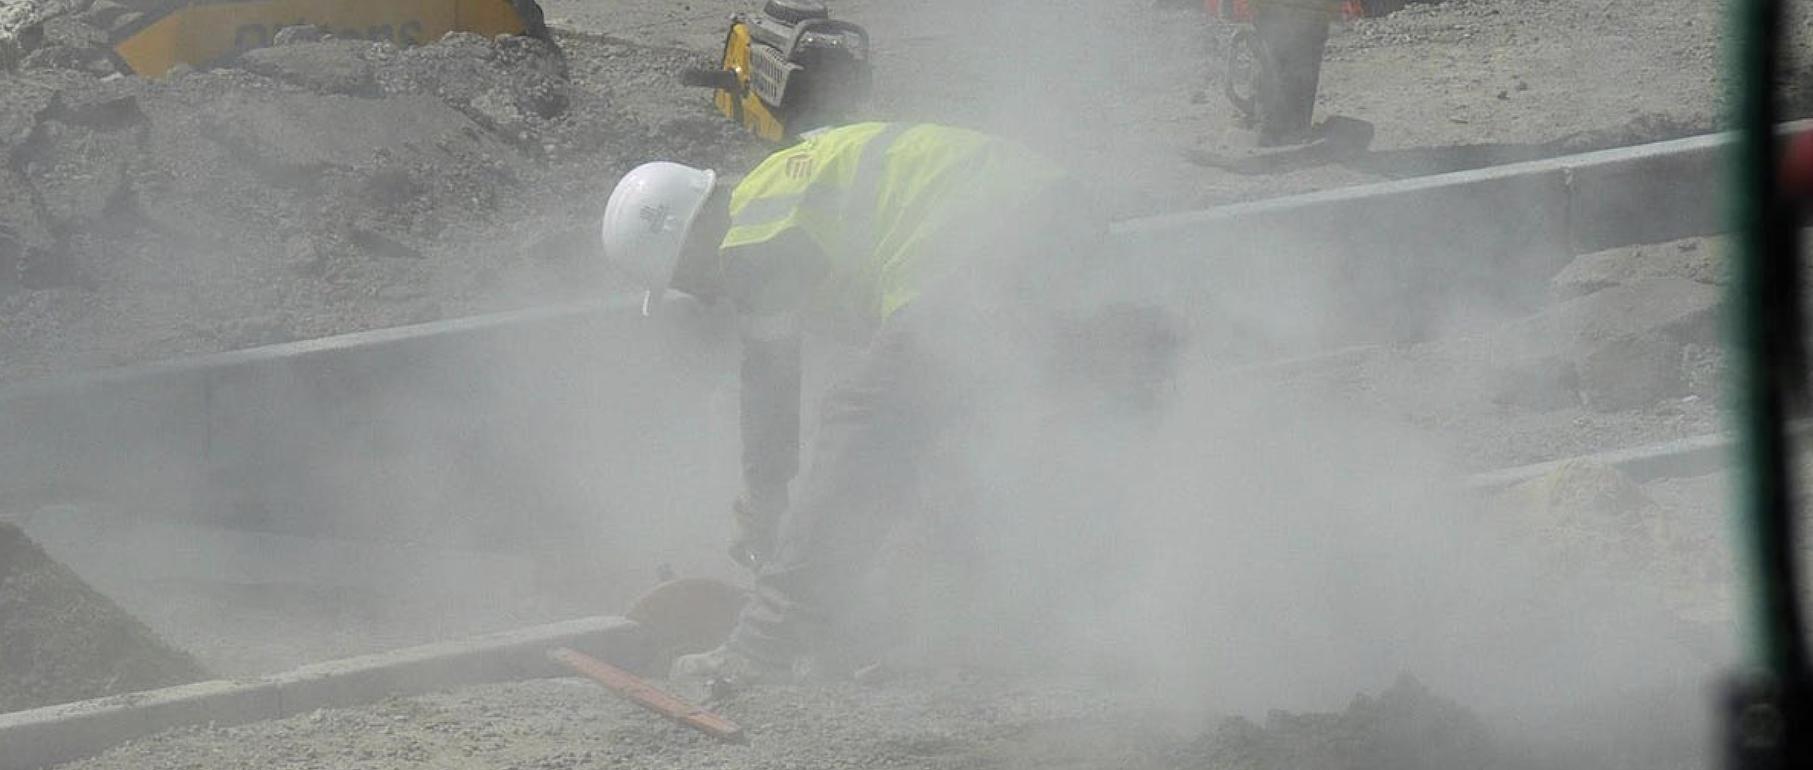 Construction Dust Exposure - HSE Alert